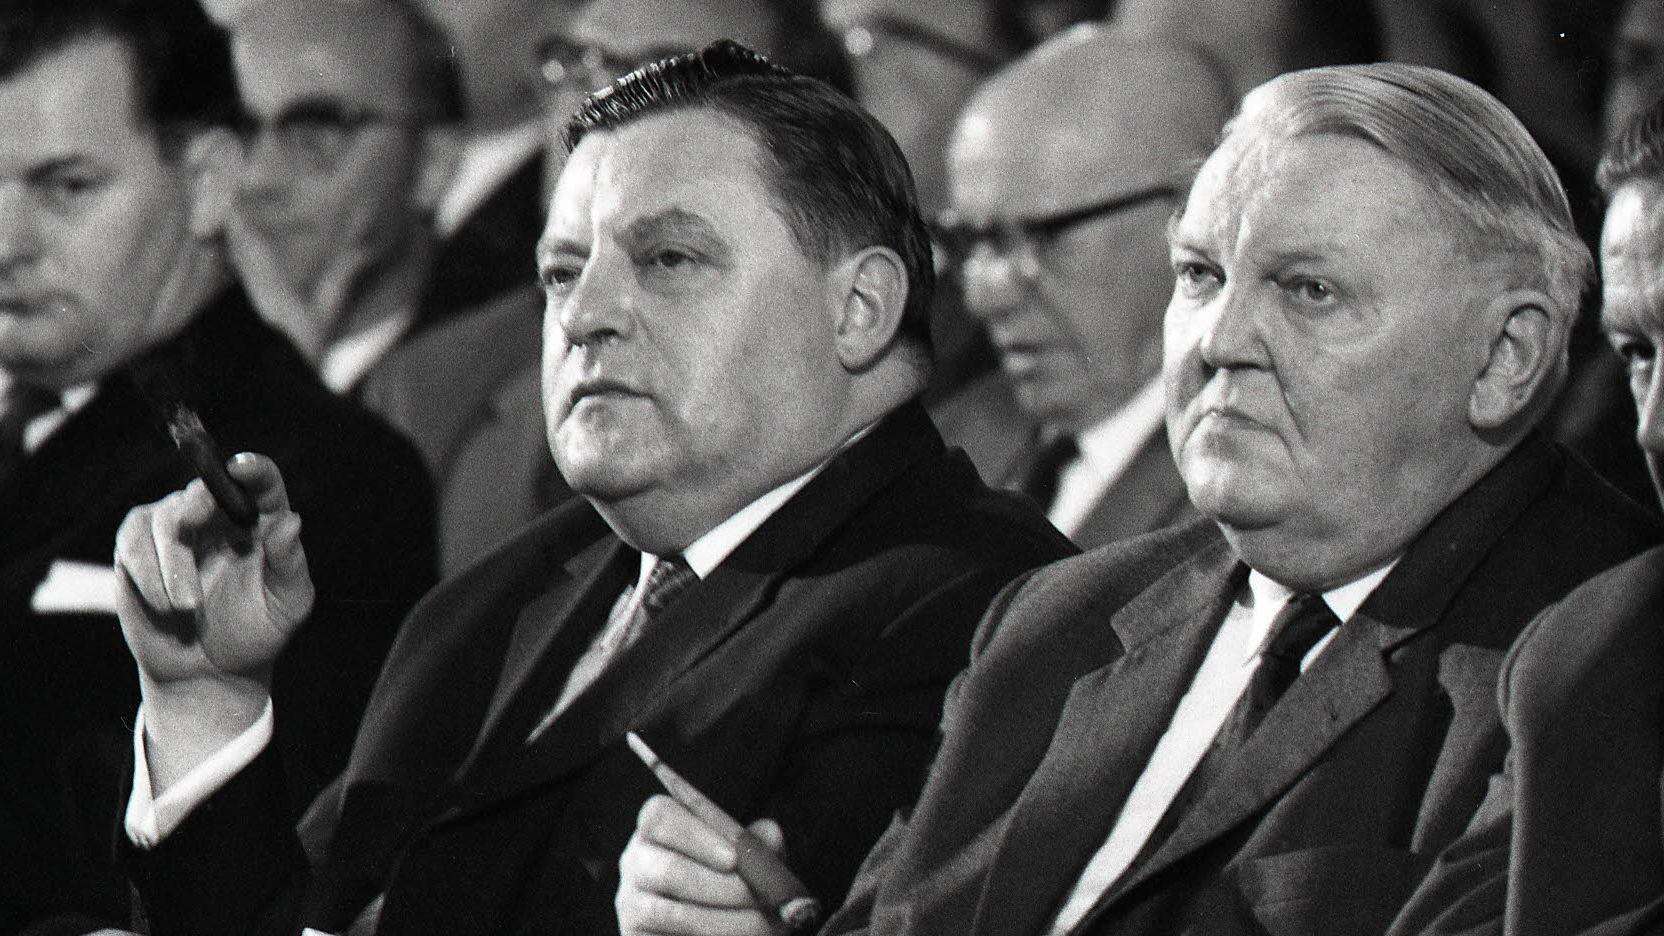 Franz Josef Strauß und Ludwig Erhard auf dem CSU-Parteitag 1964 in München